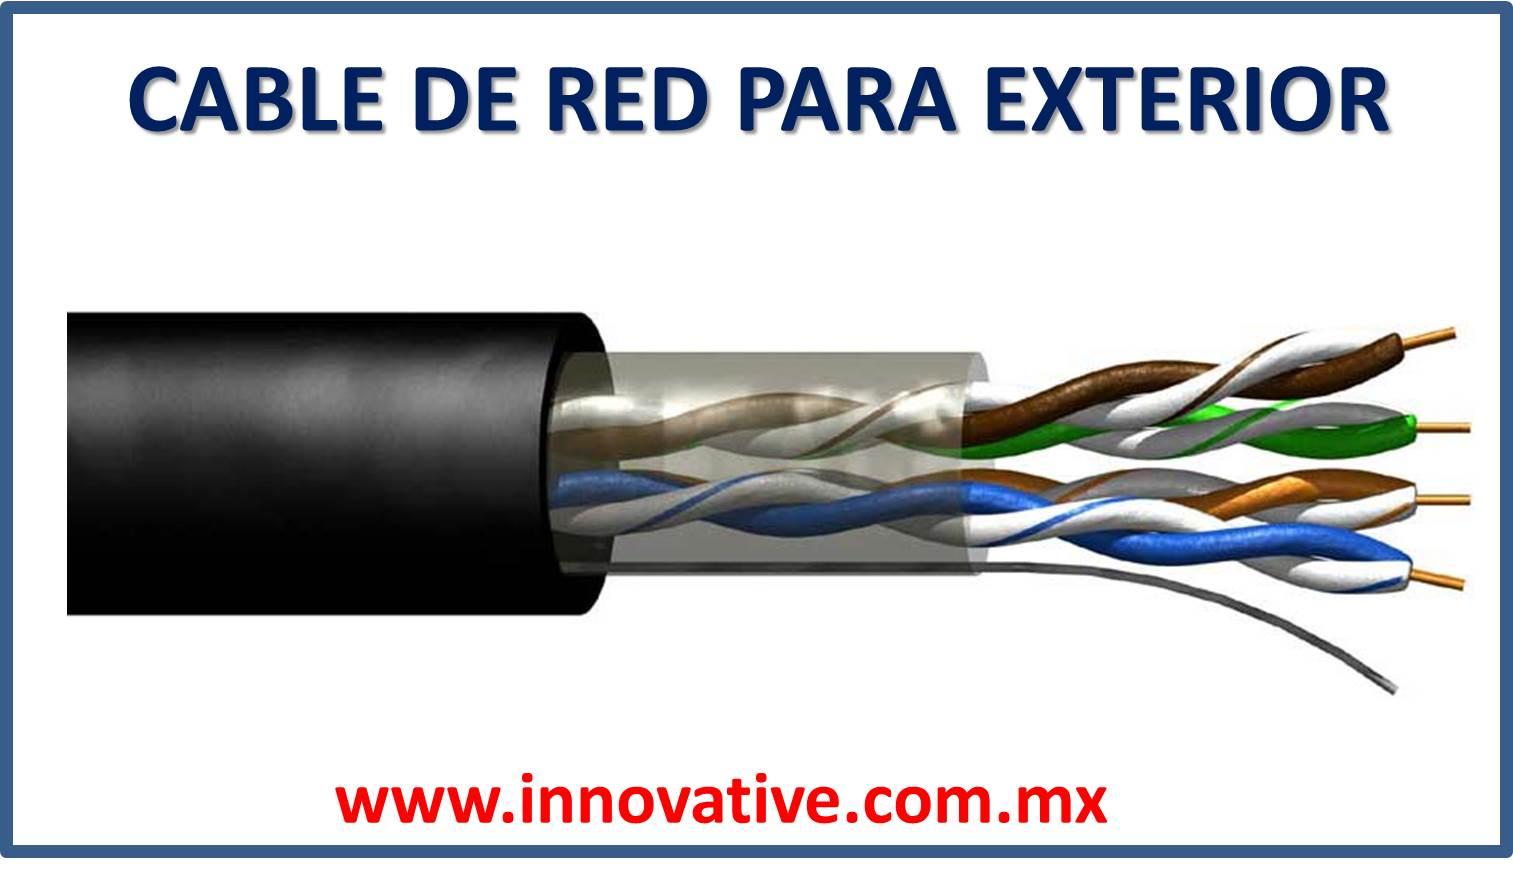 Innovative trade center distribuidor de productos de - Cable para exterior ...